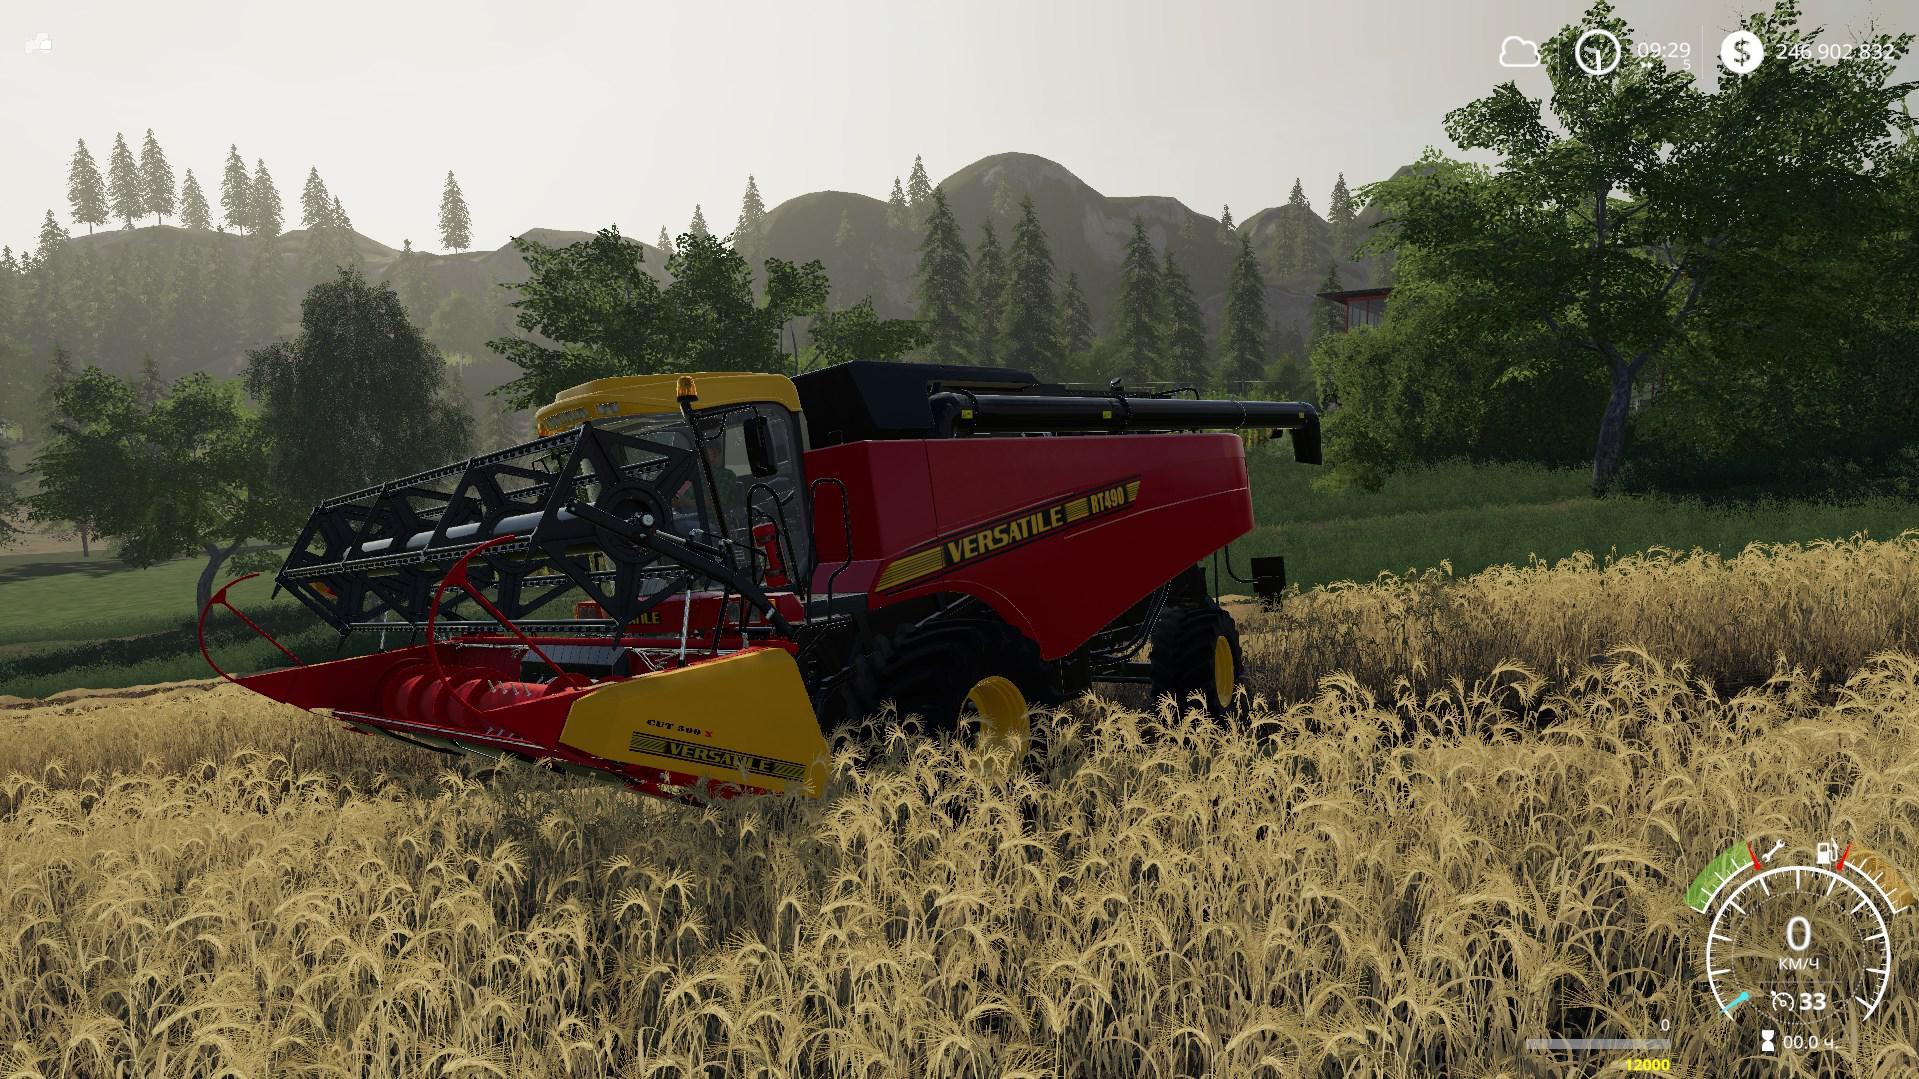 Versatile RT490 v 1.0